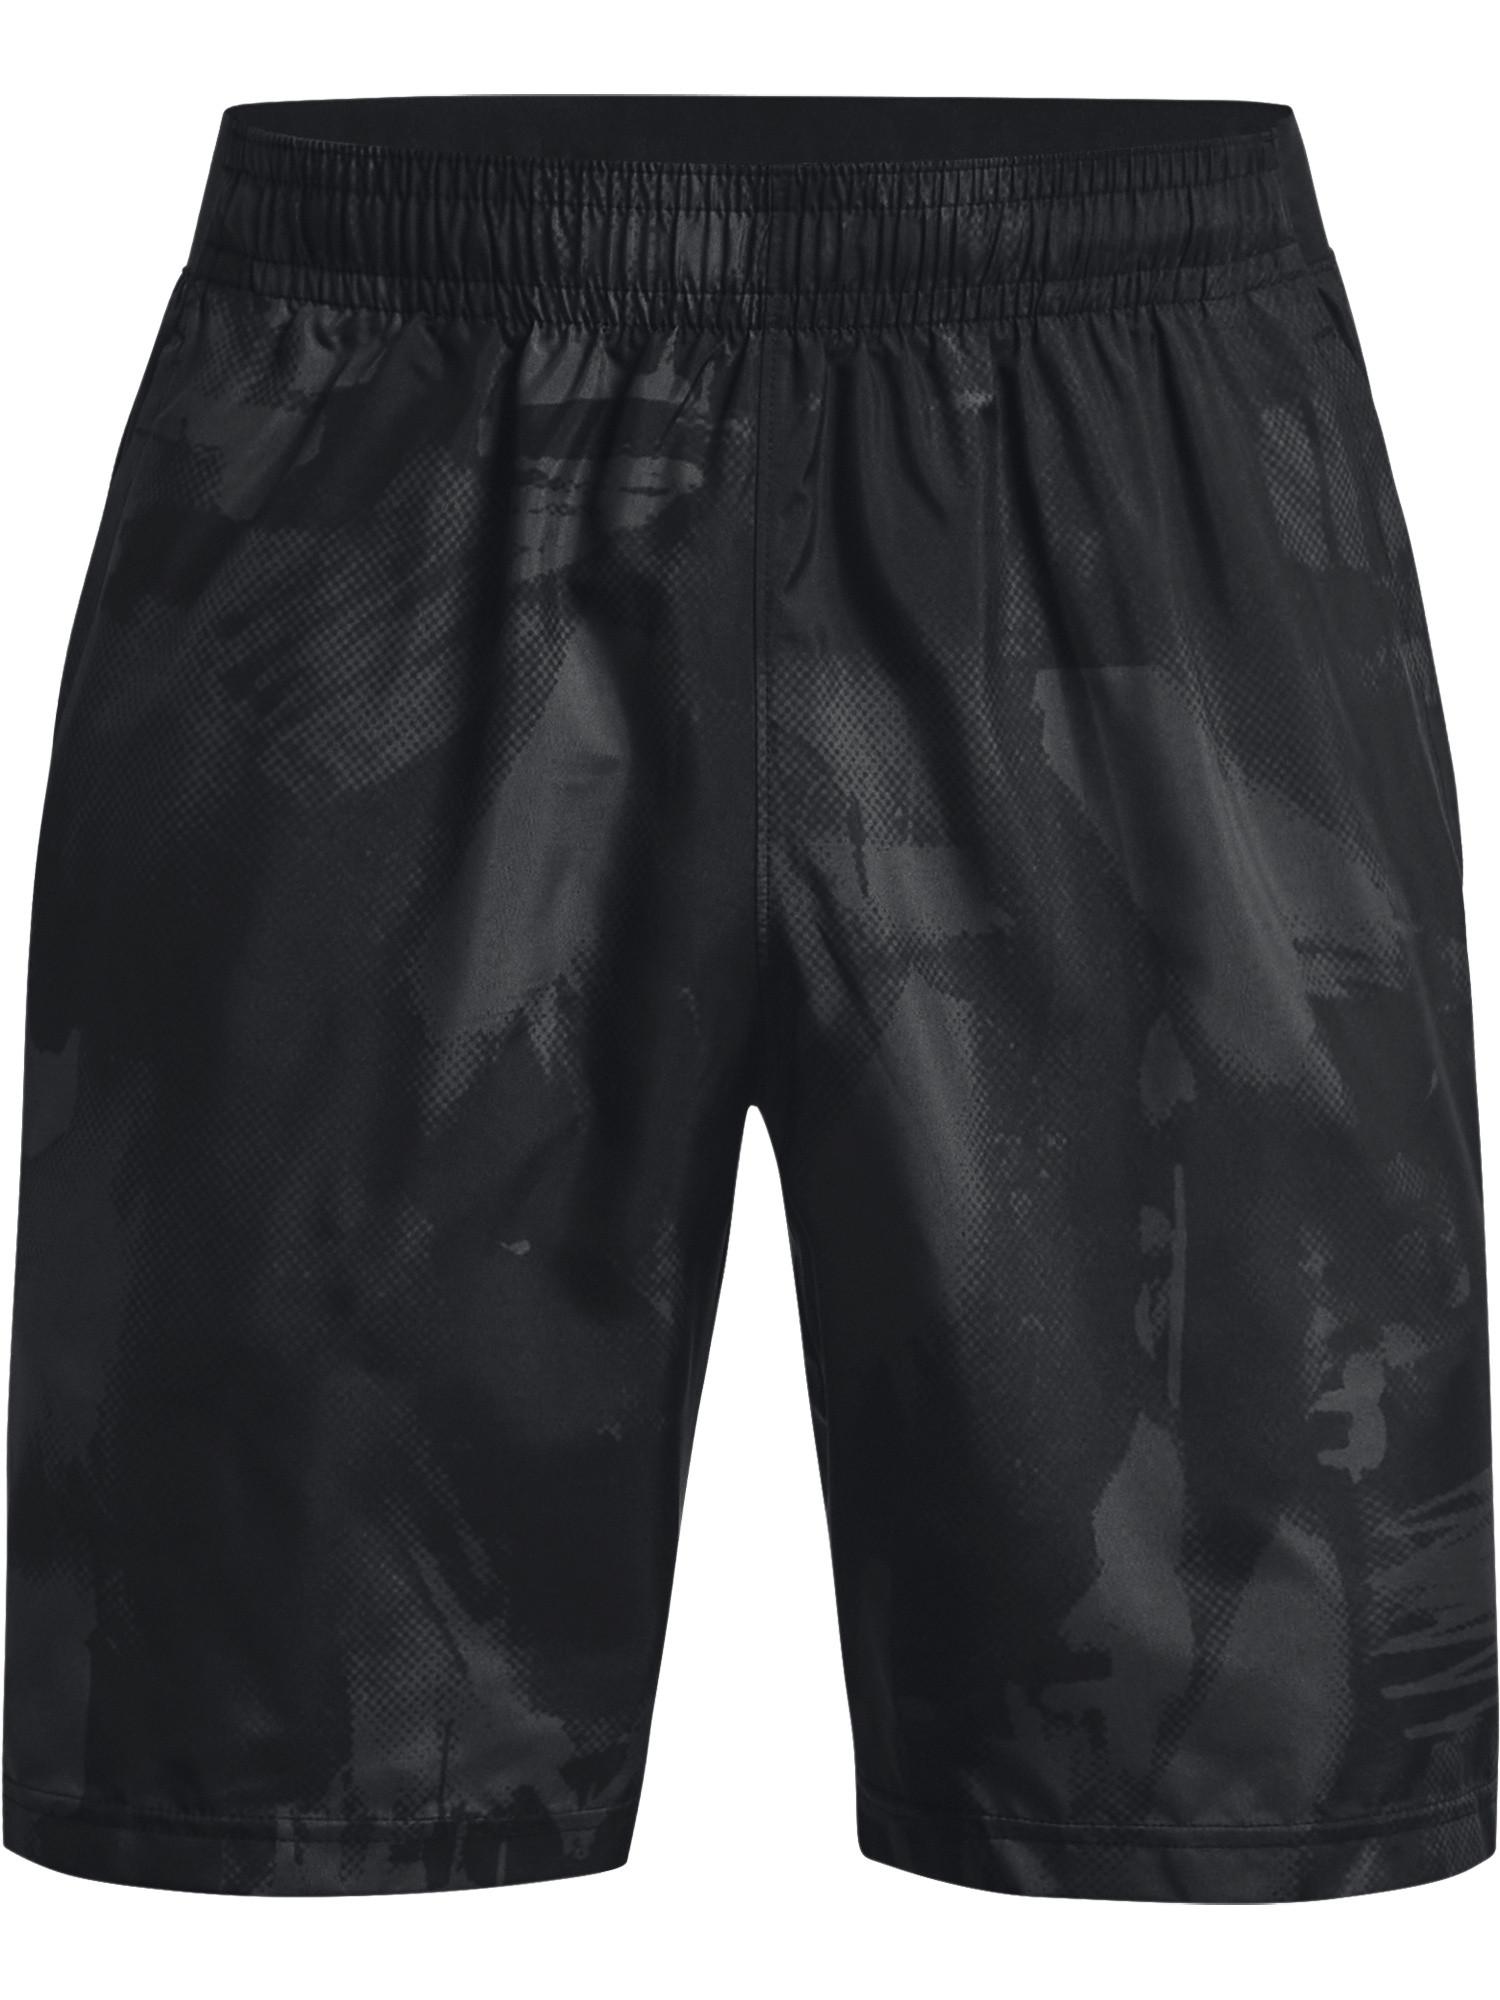 Shorts UA Woven Adapt da uomo, Nero, large image number 0